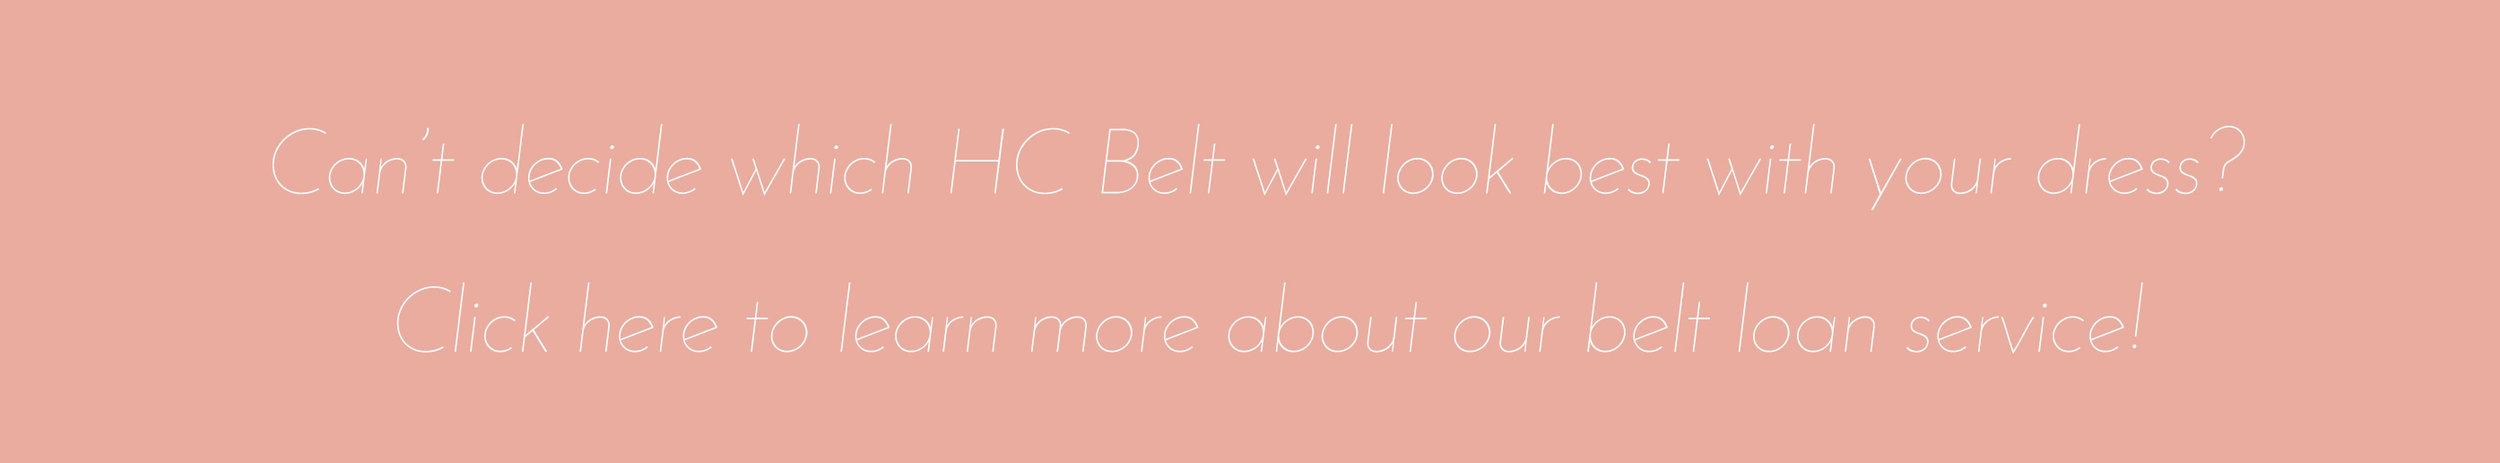 HC belt loans.jpg